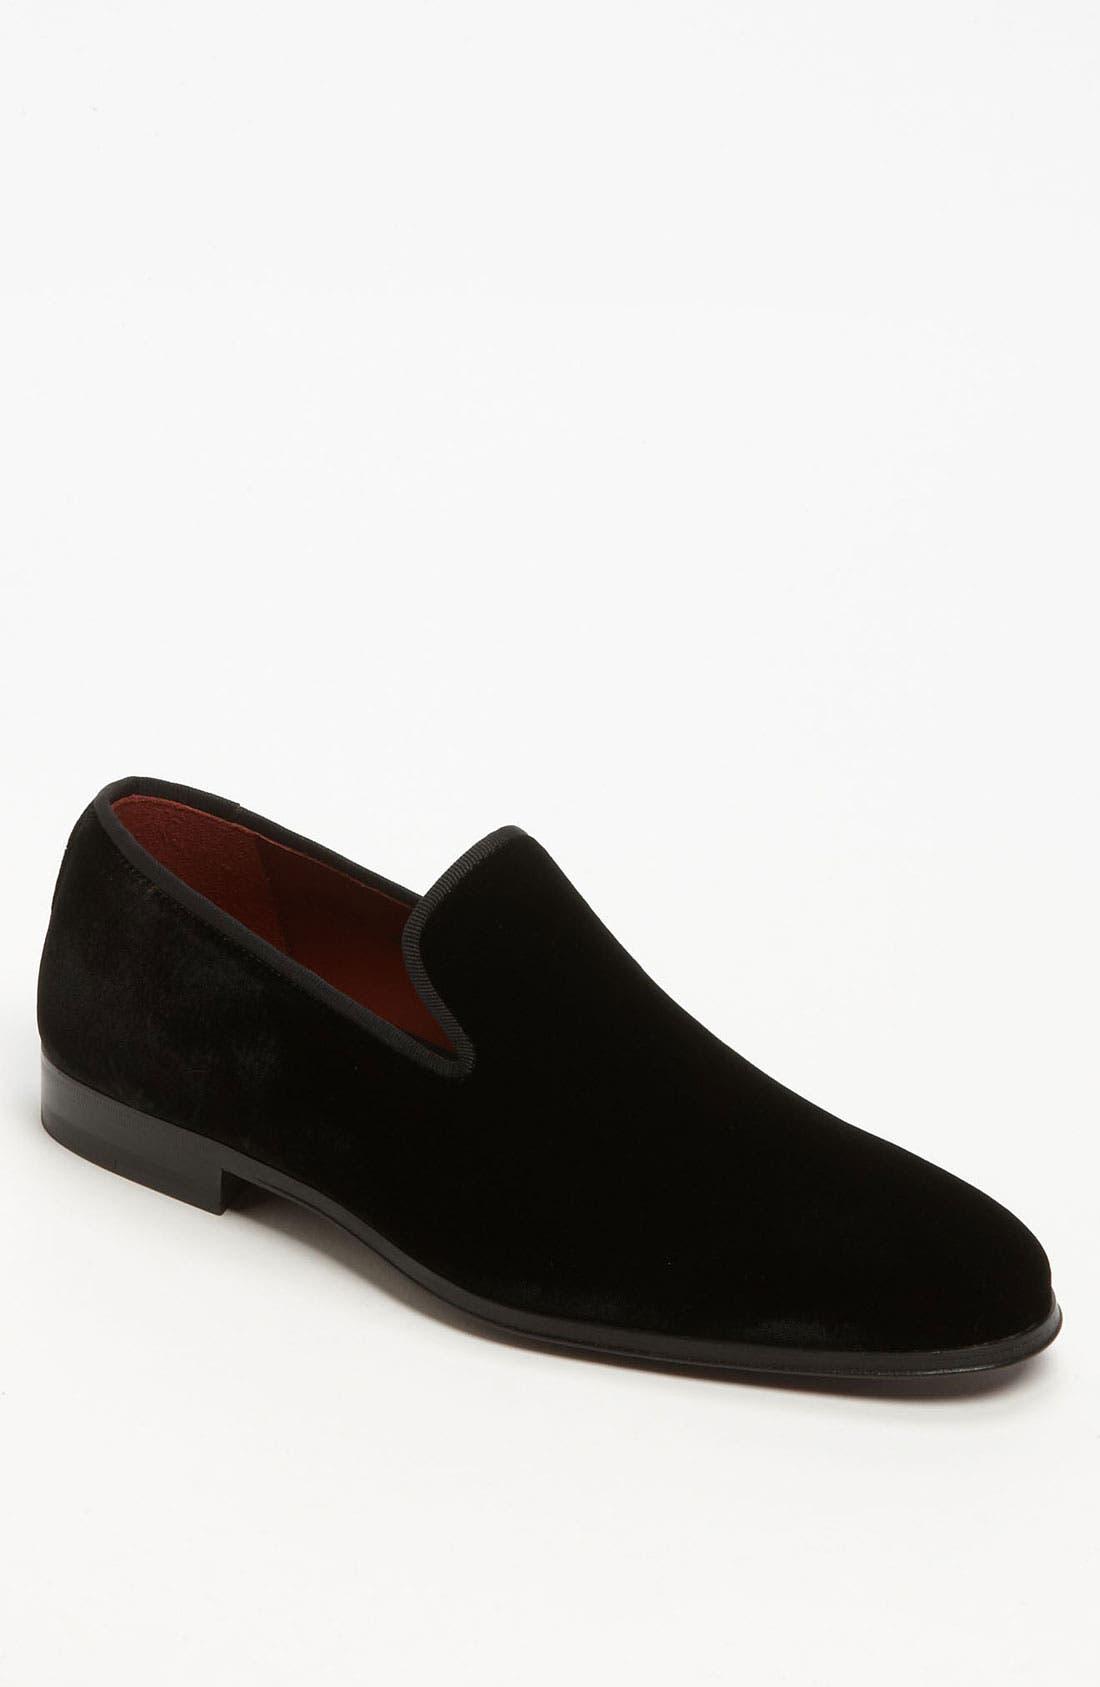 MAGNANNI 'Dorio' Velvet Venetian Loafer, Main, color, BLACK